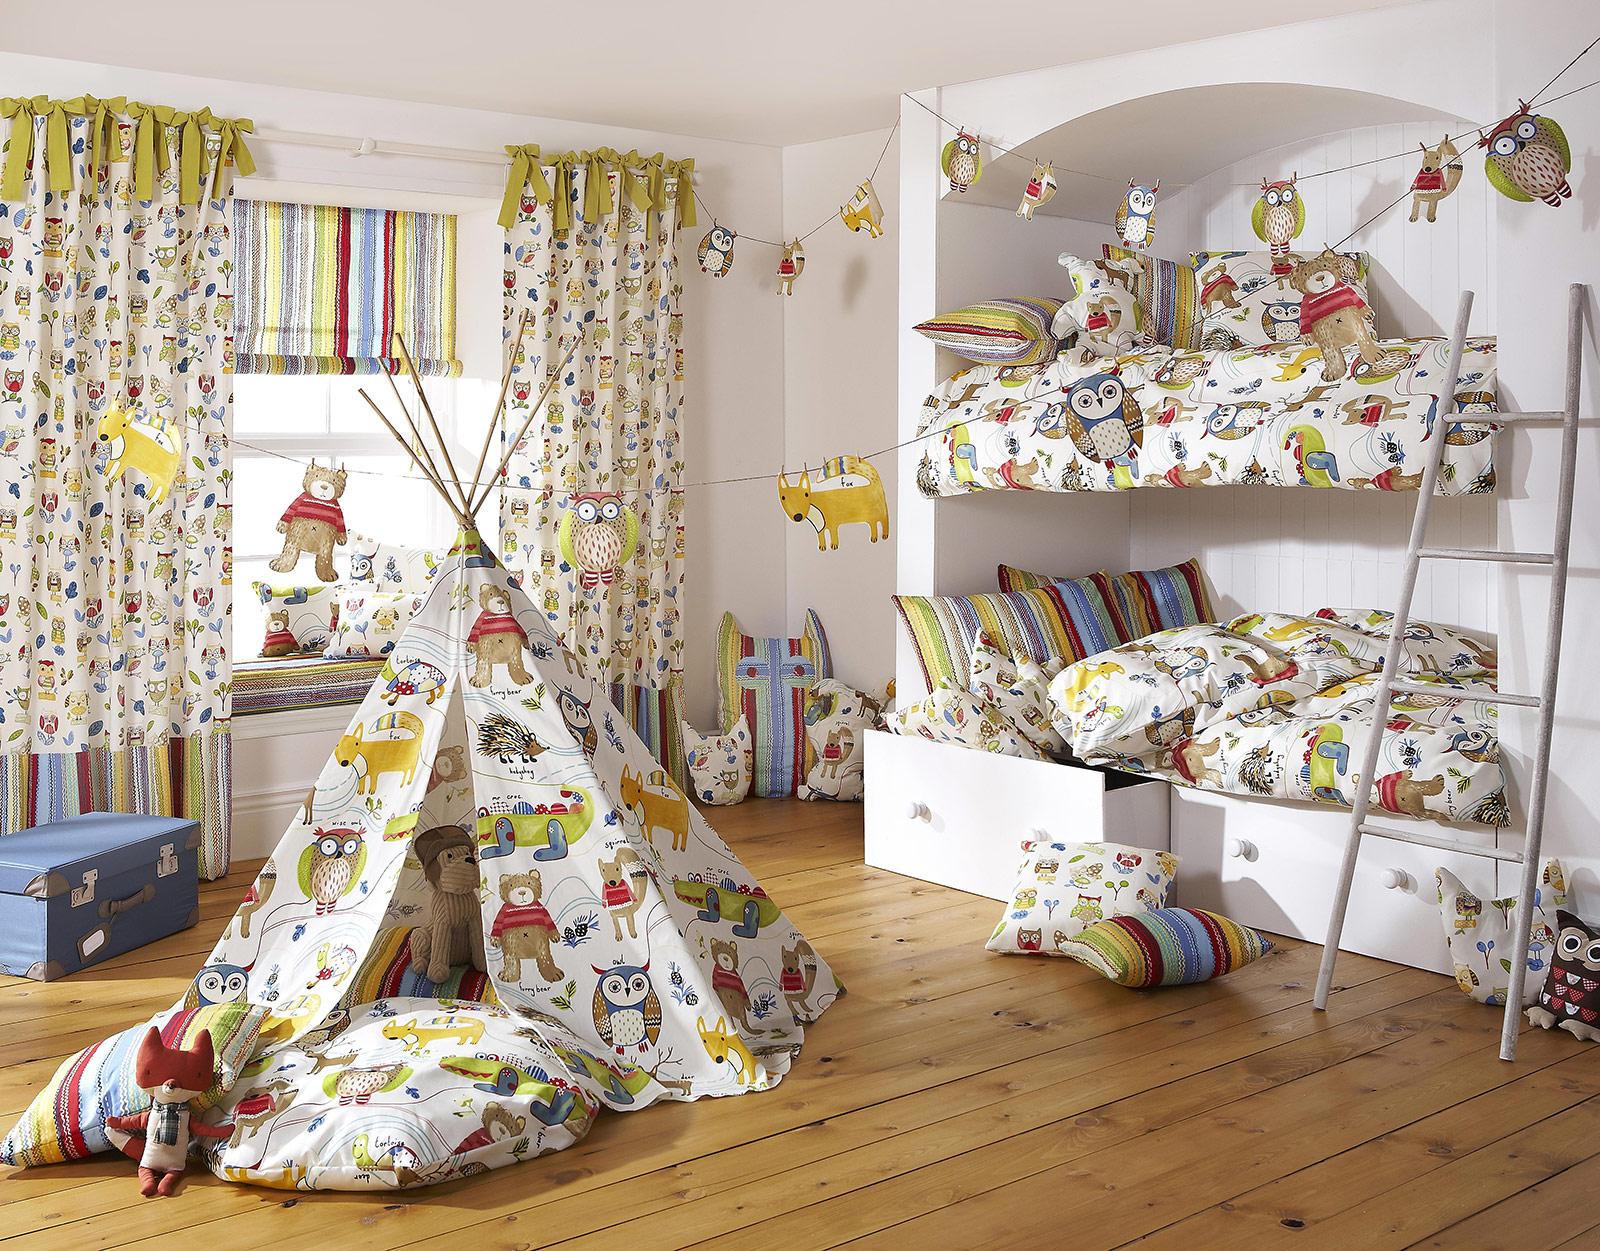 Kinderzimmer - Forest Friends Boys - Die Gardine Brühl - Nils Jansen - Raumausstattung